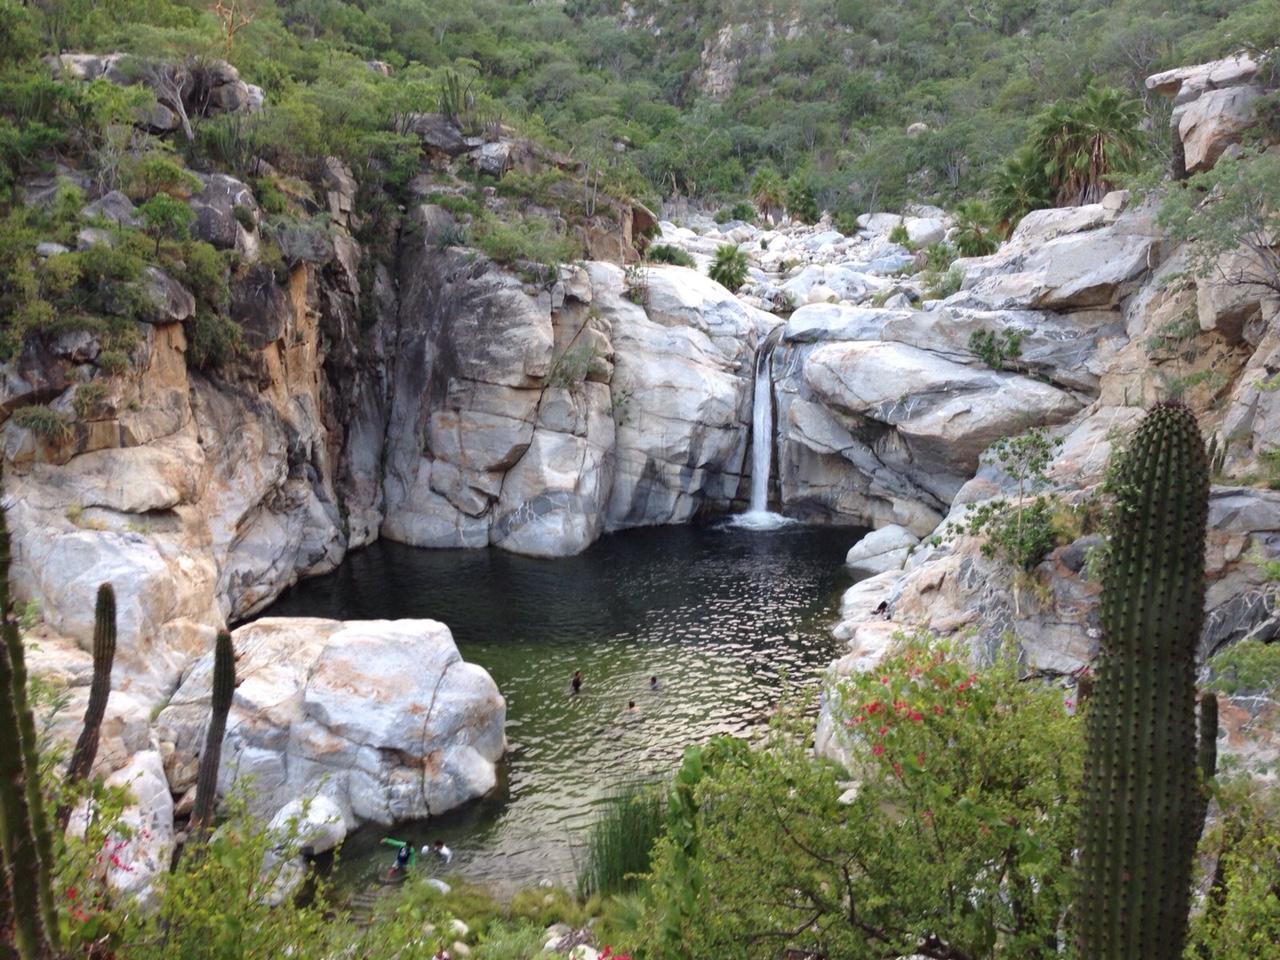 cascada-sierra-la-laguna-baja-california-sur